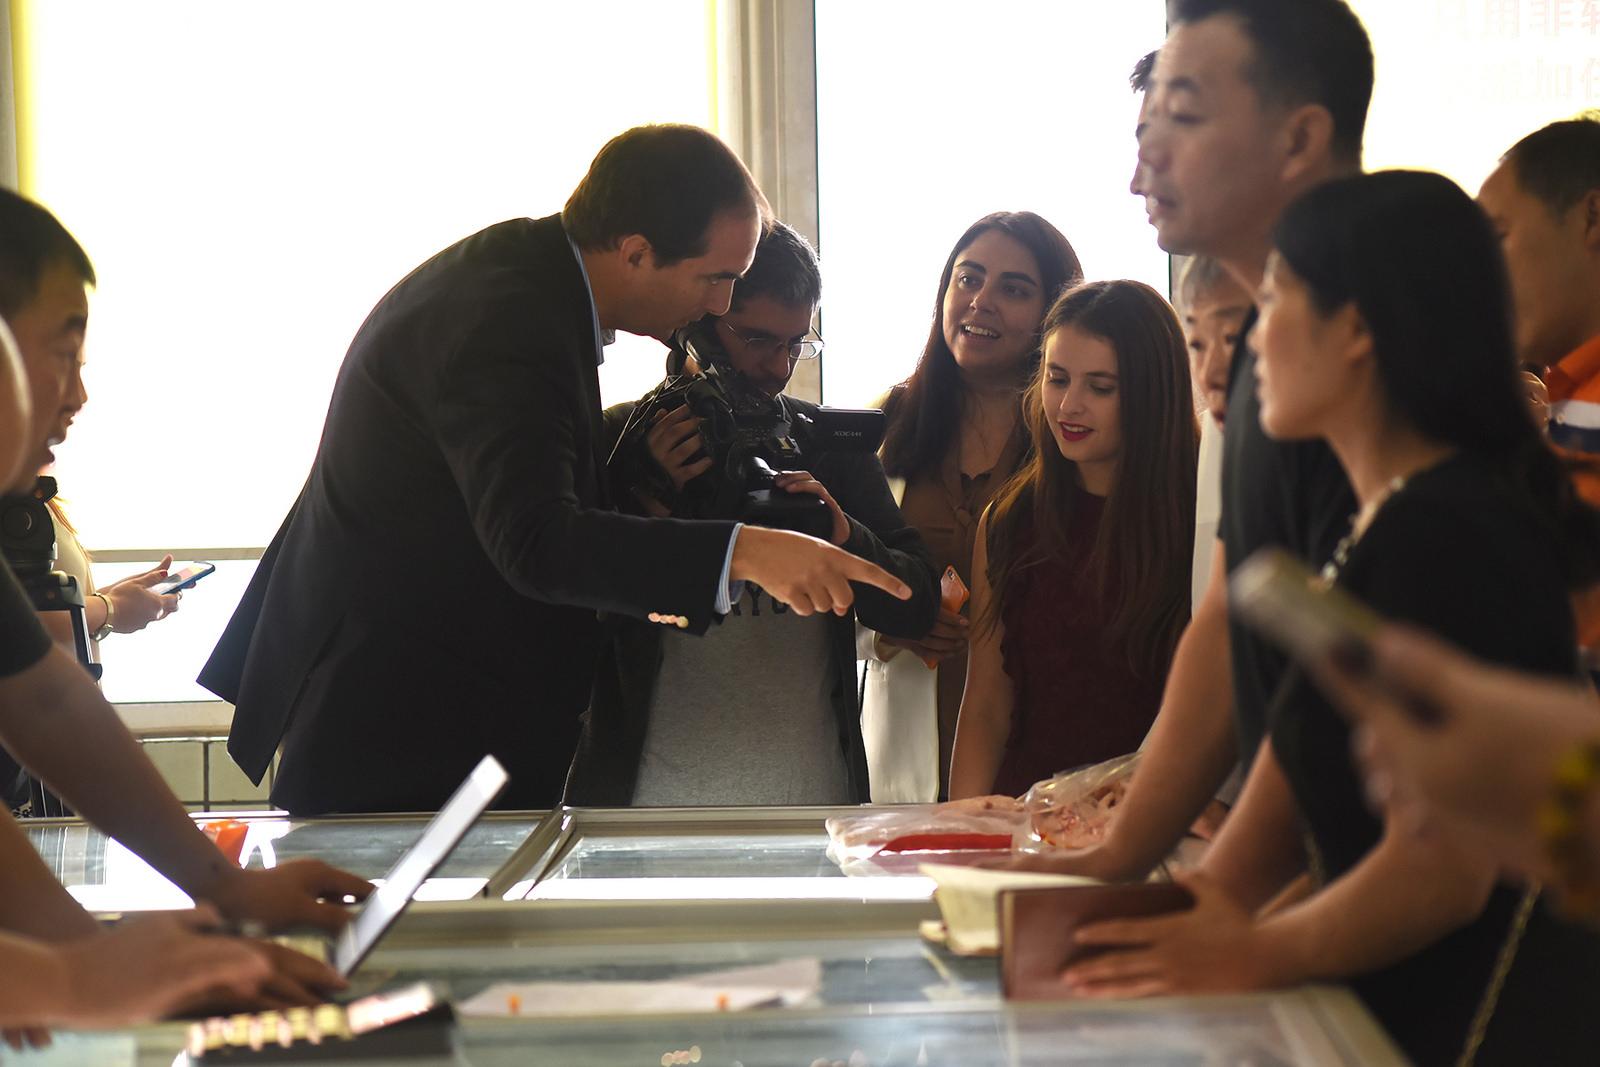 El Presidente de ChilePork, Juan Carlos Domínguez, explicando a los periodistas cómo se comercializa en China la carne de cerdo chilena, hoy una de las predilectas del consumidor de ese país.